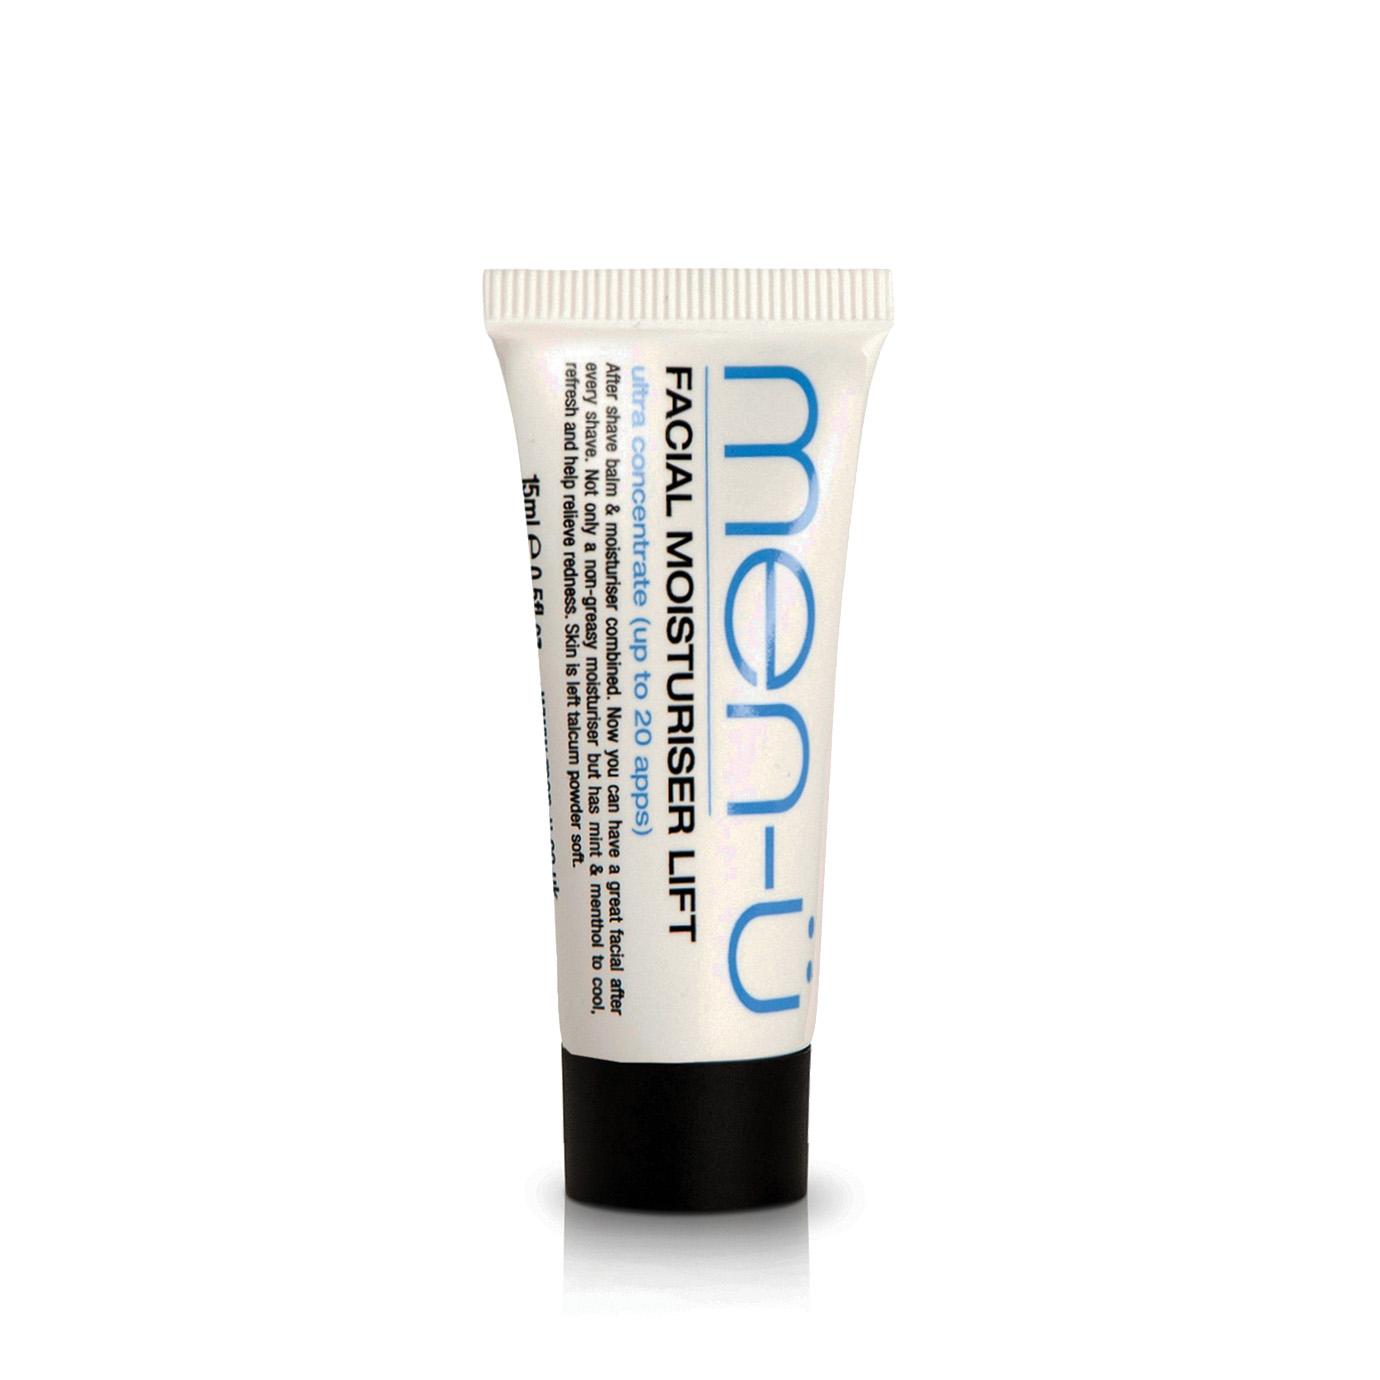 men-u Męski skoncentrowany liftingujący balsam po goleniu 15 ml